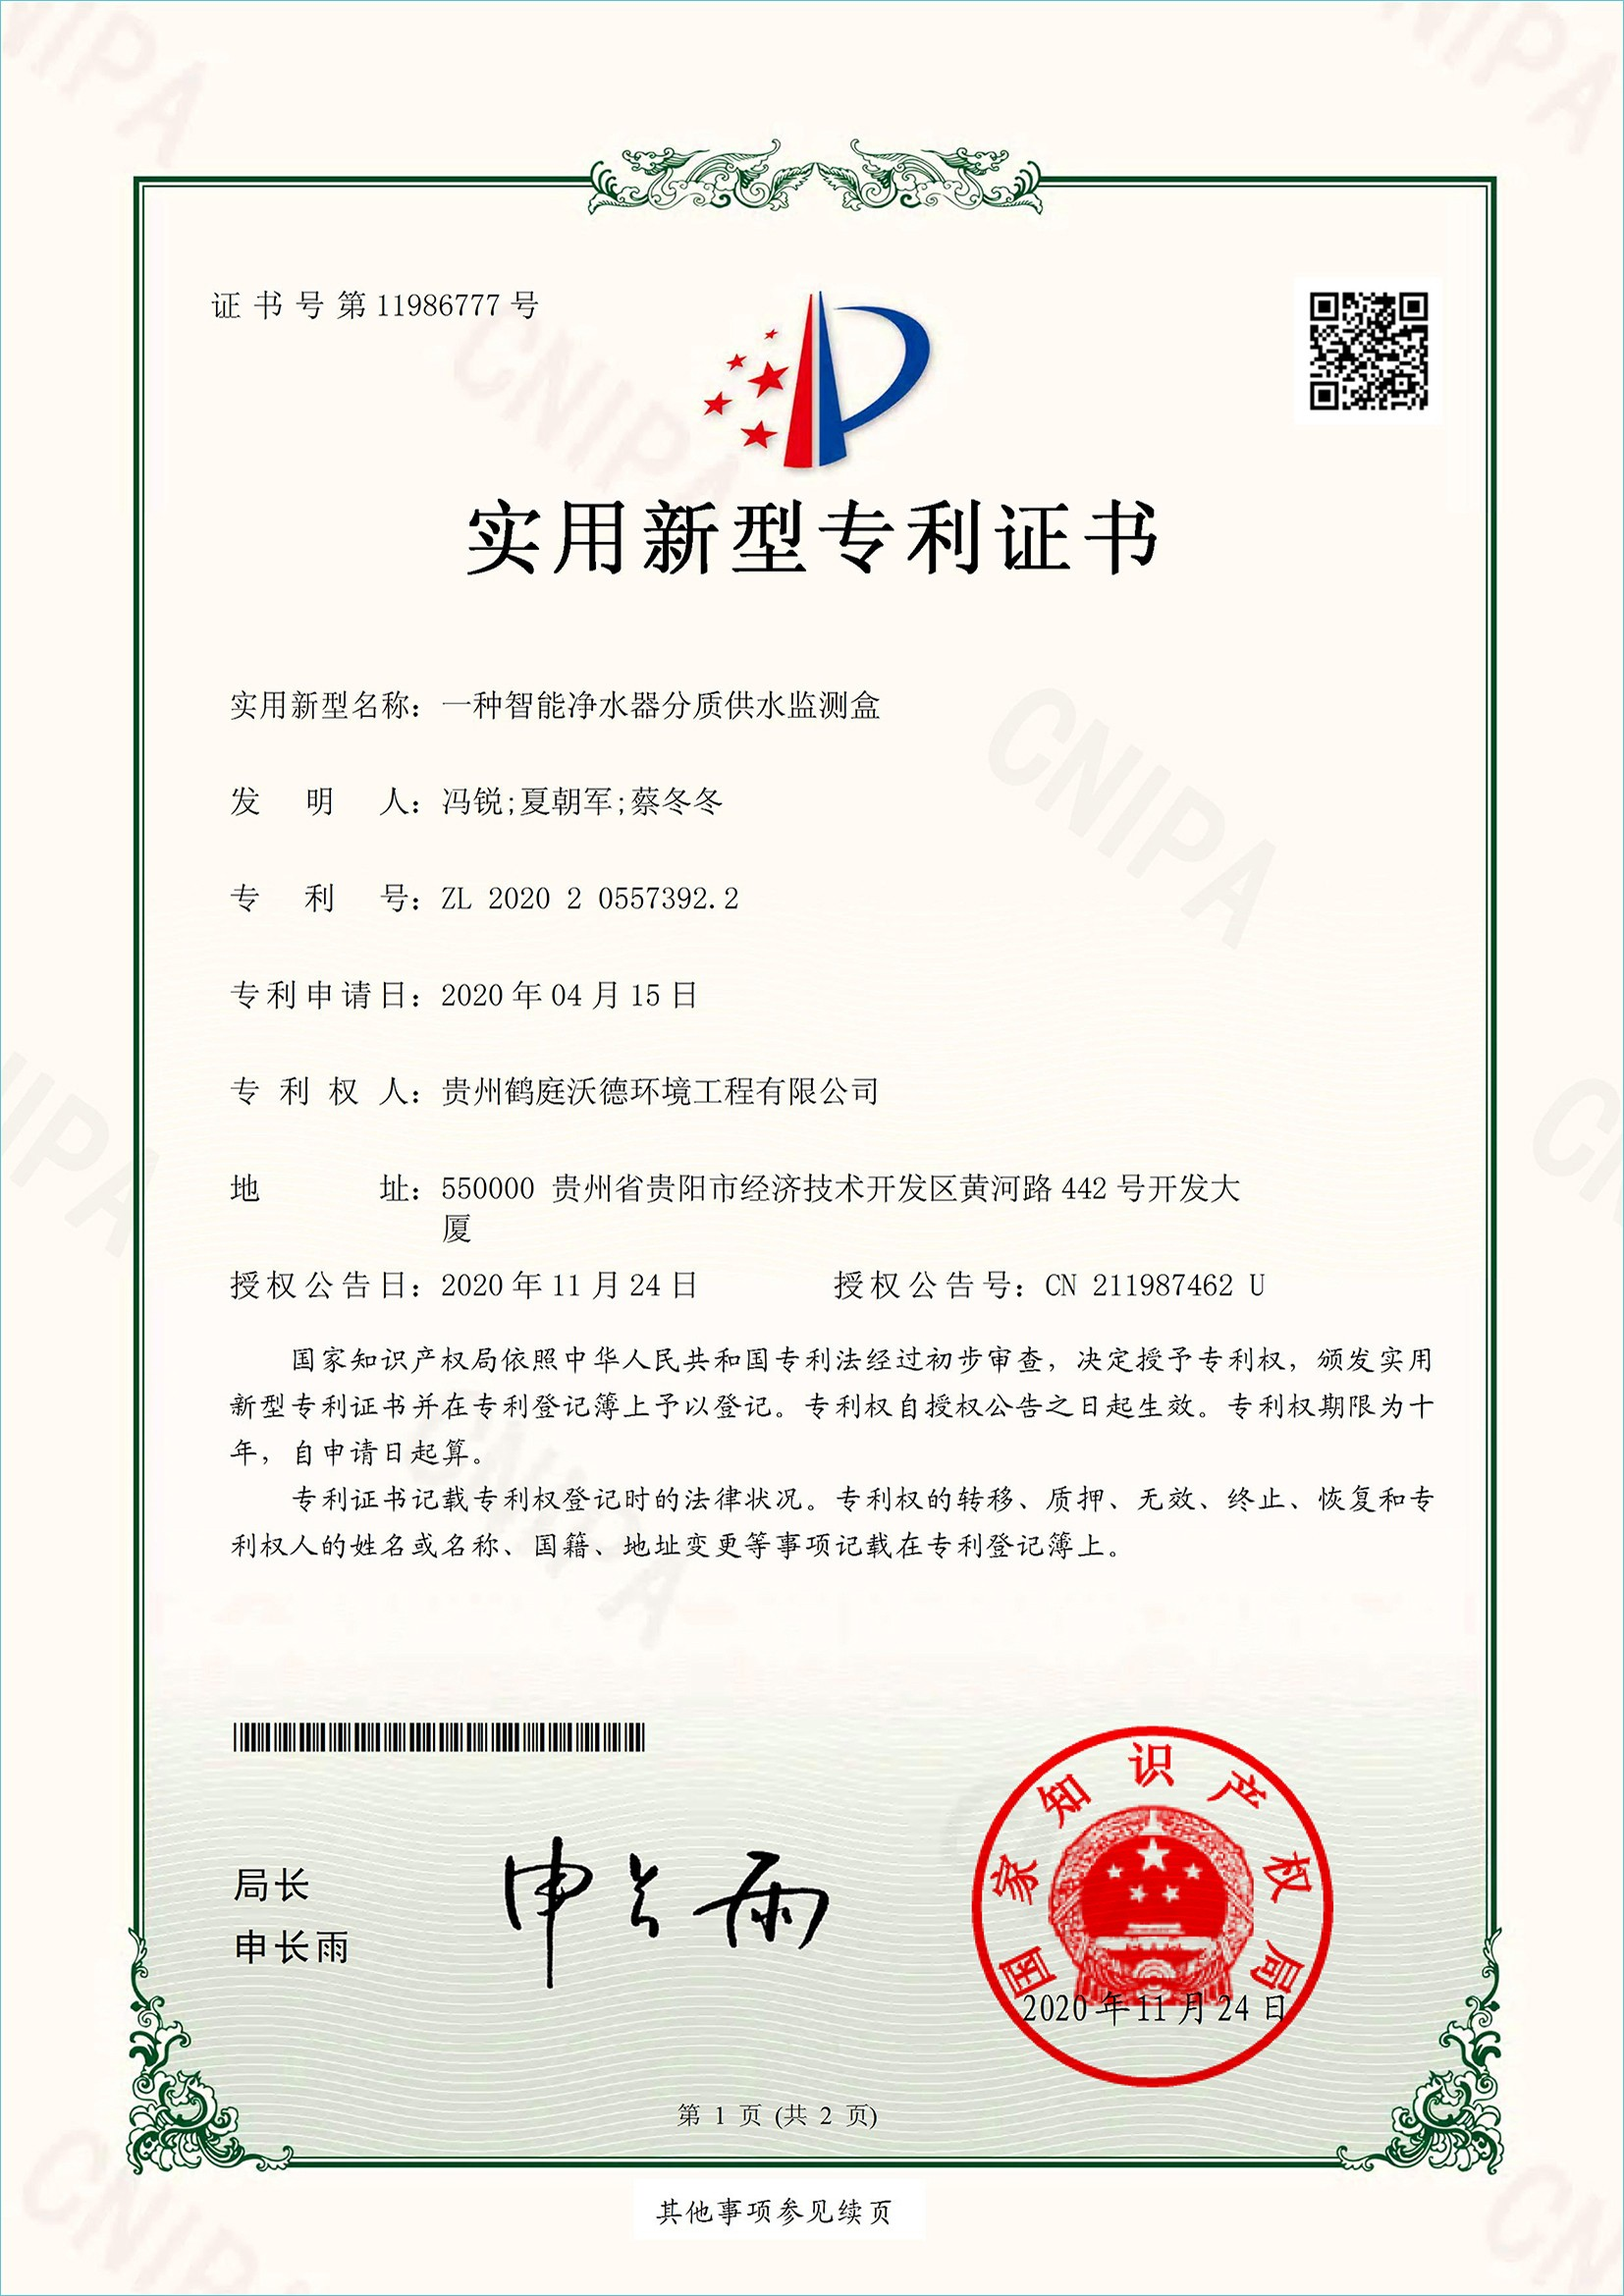 鹤庭专利证书5件_02